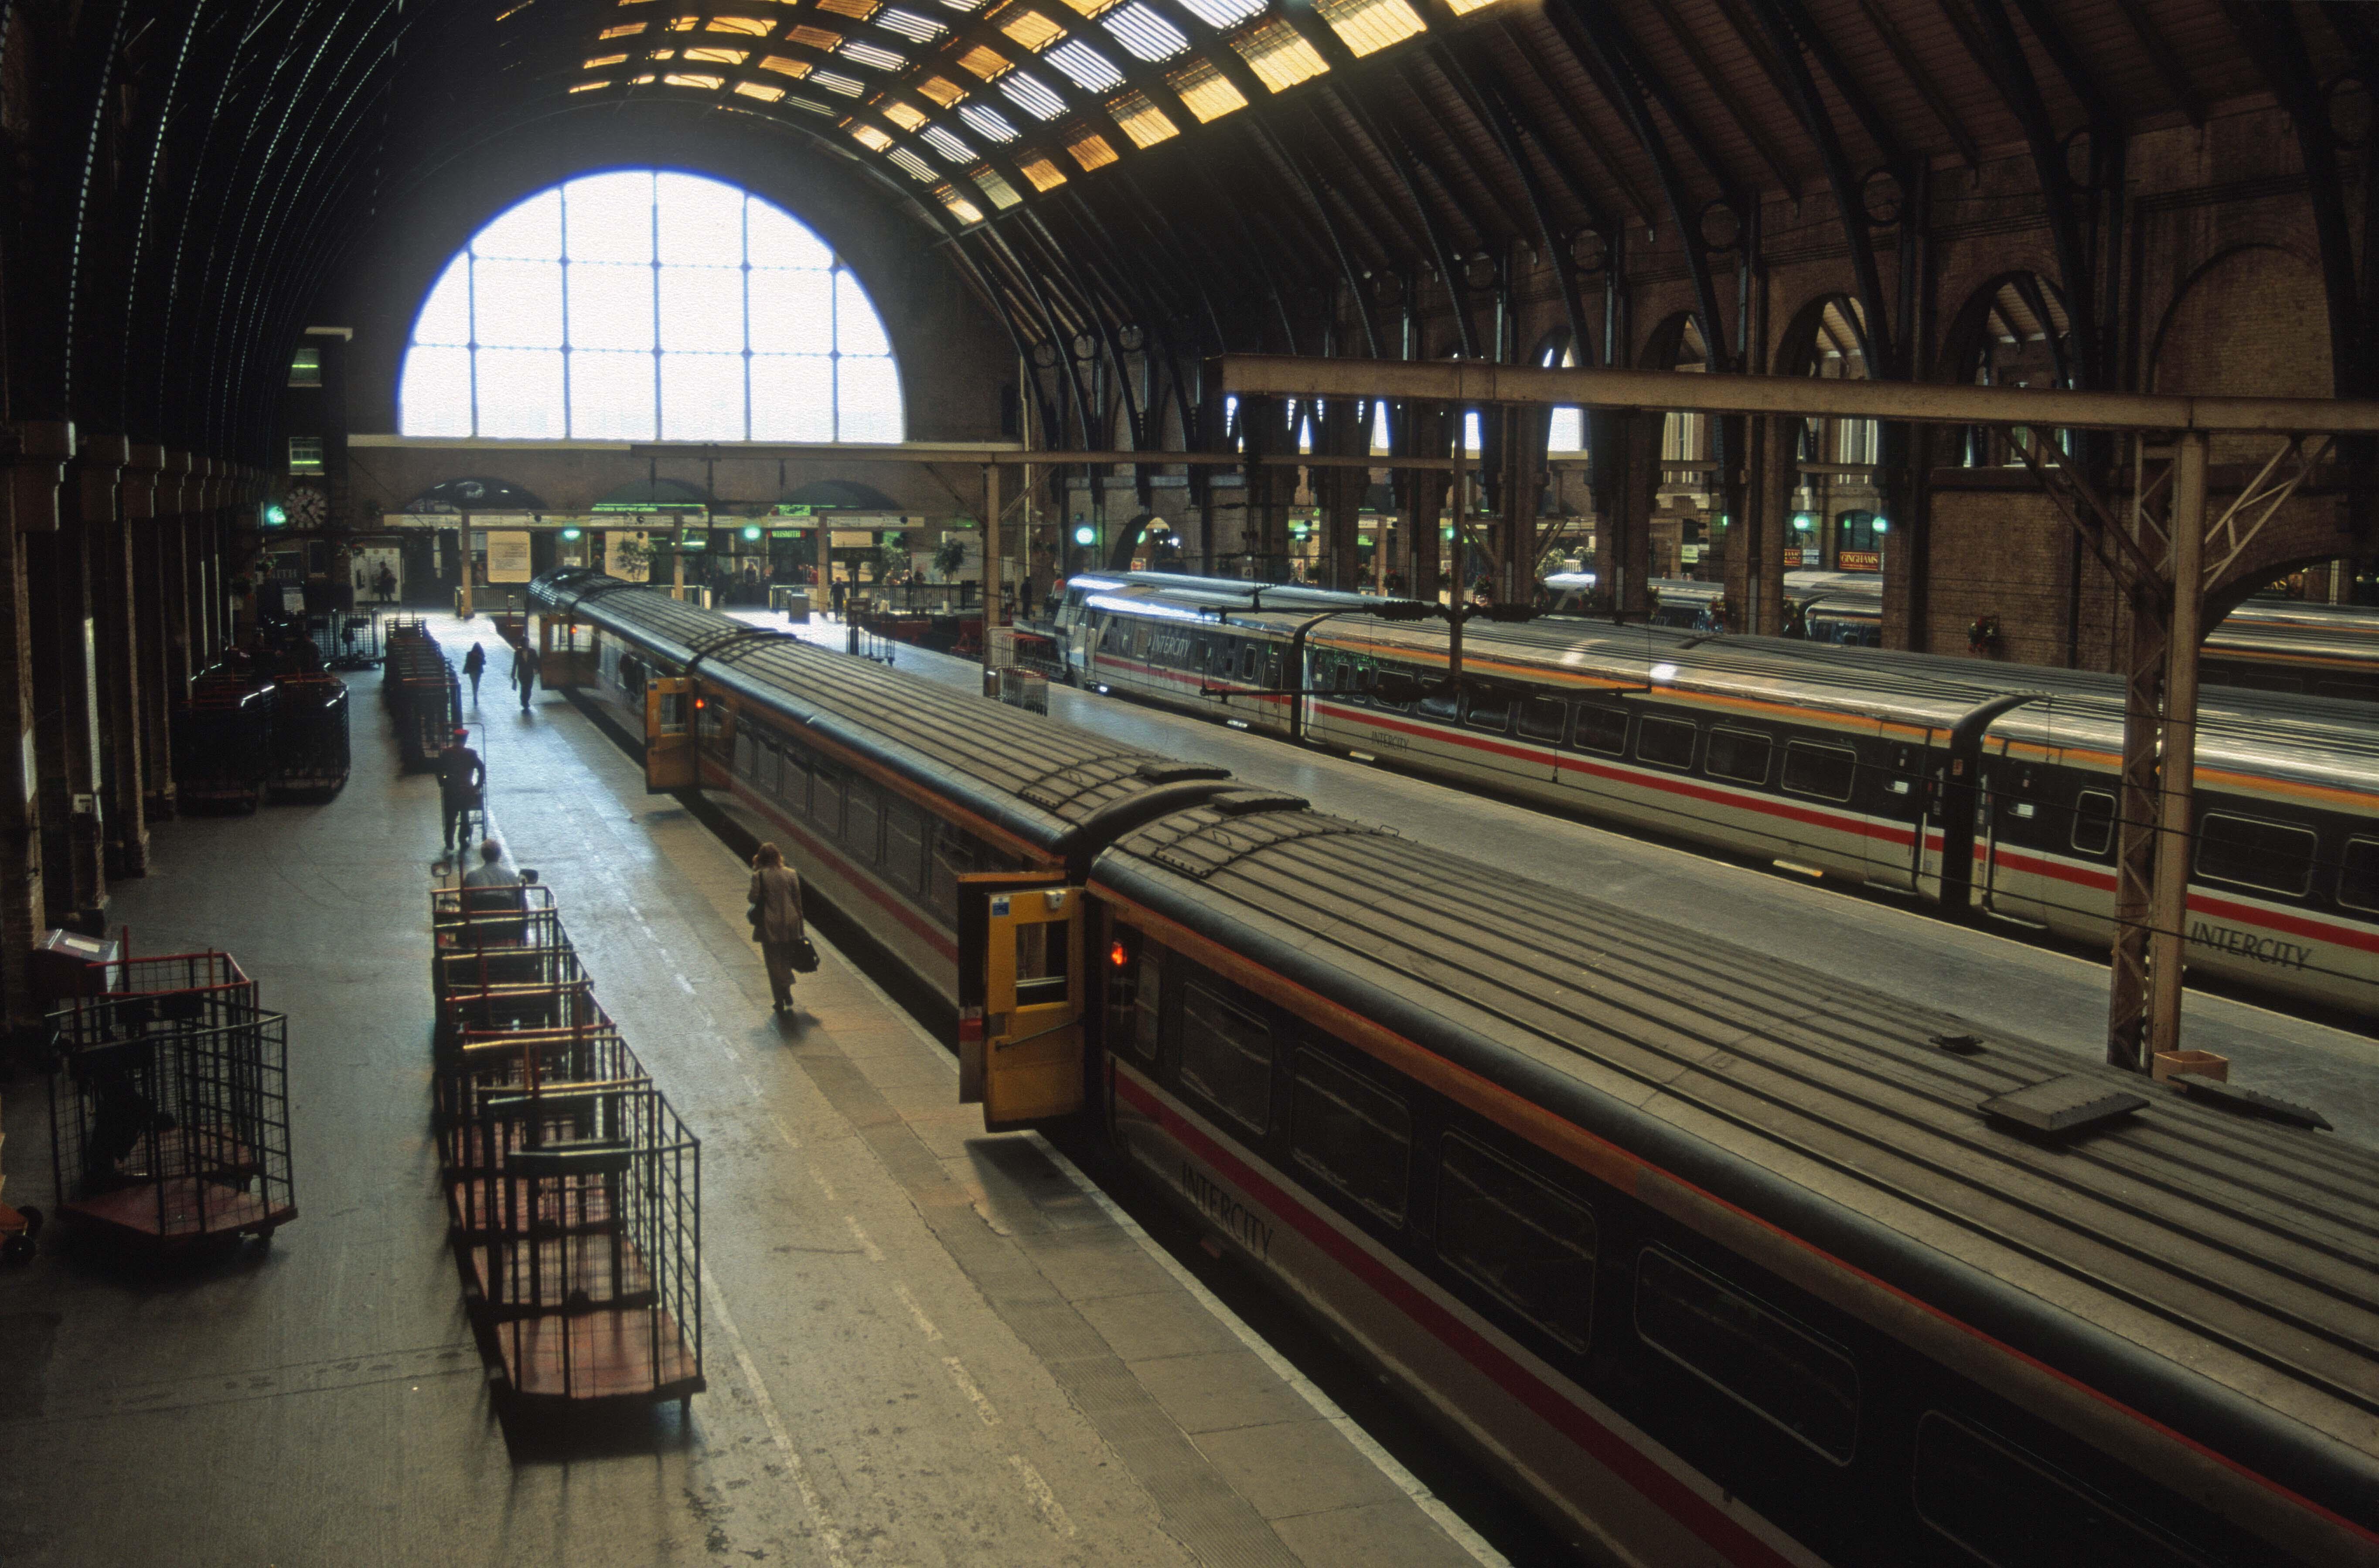 06160. BRUTES on the platform. Kings Cross. 17.9. 1996crop